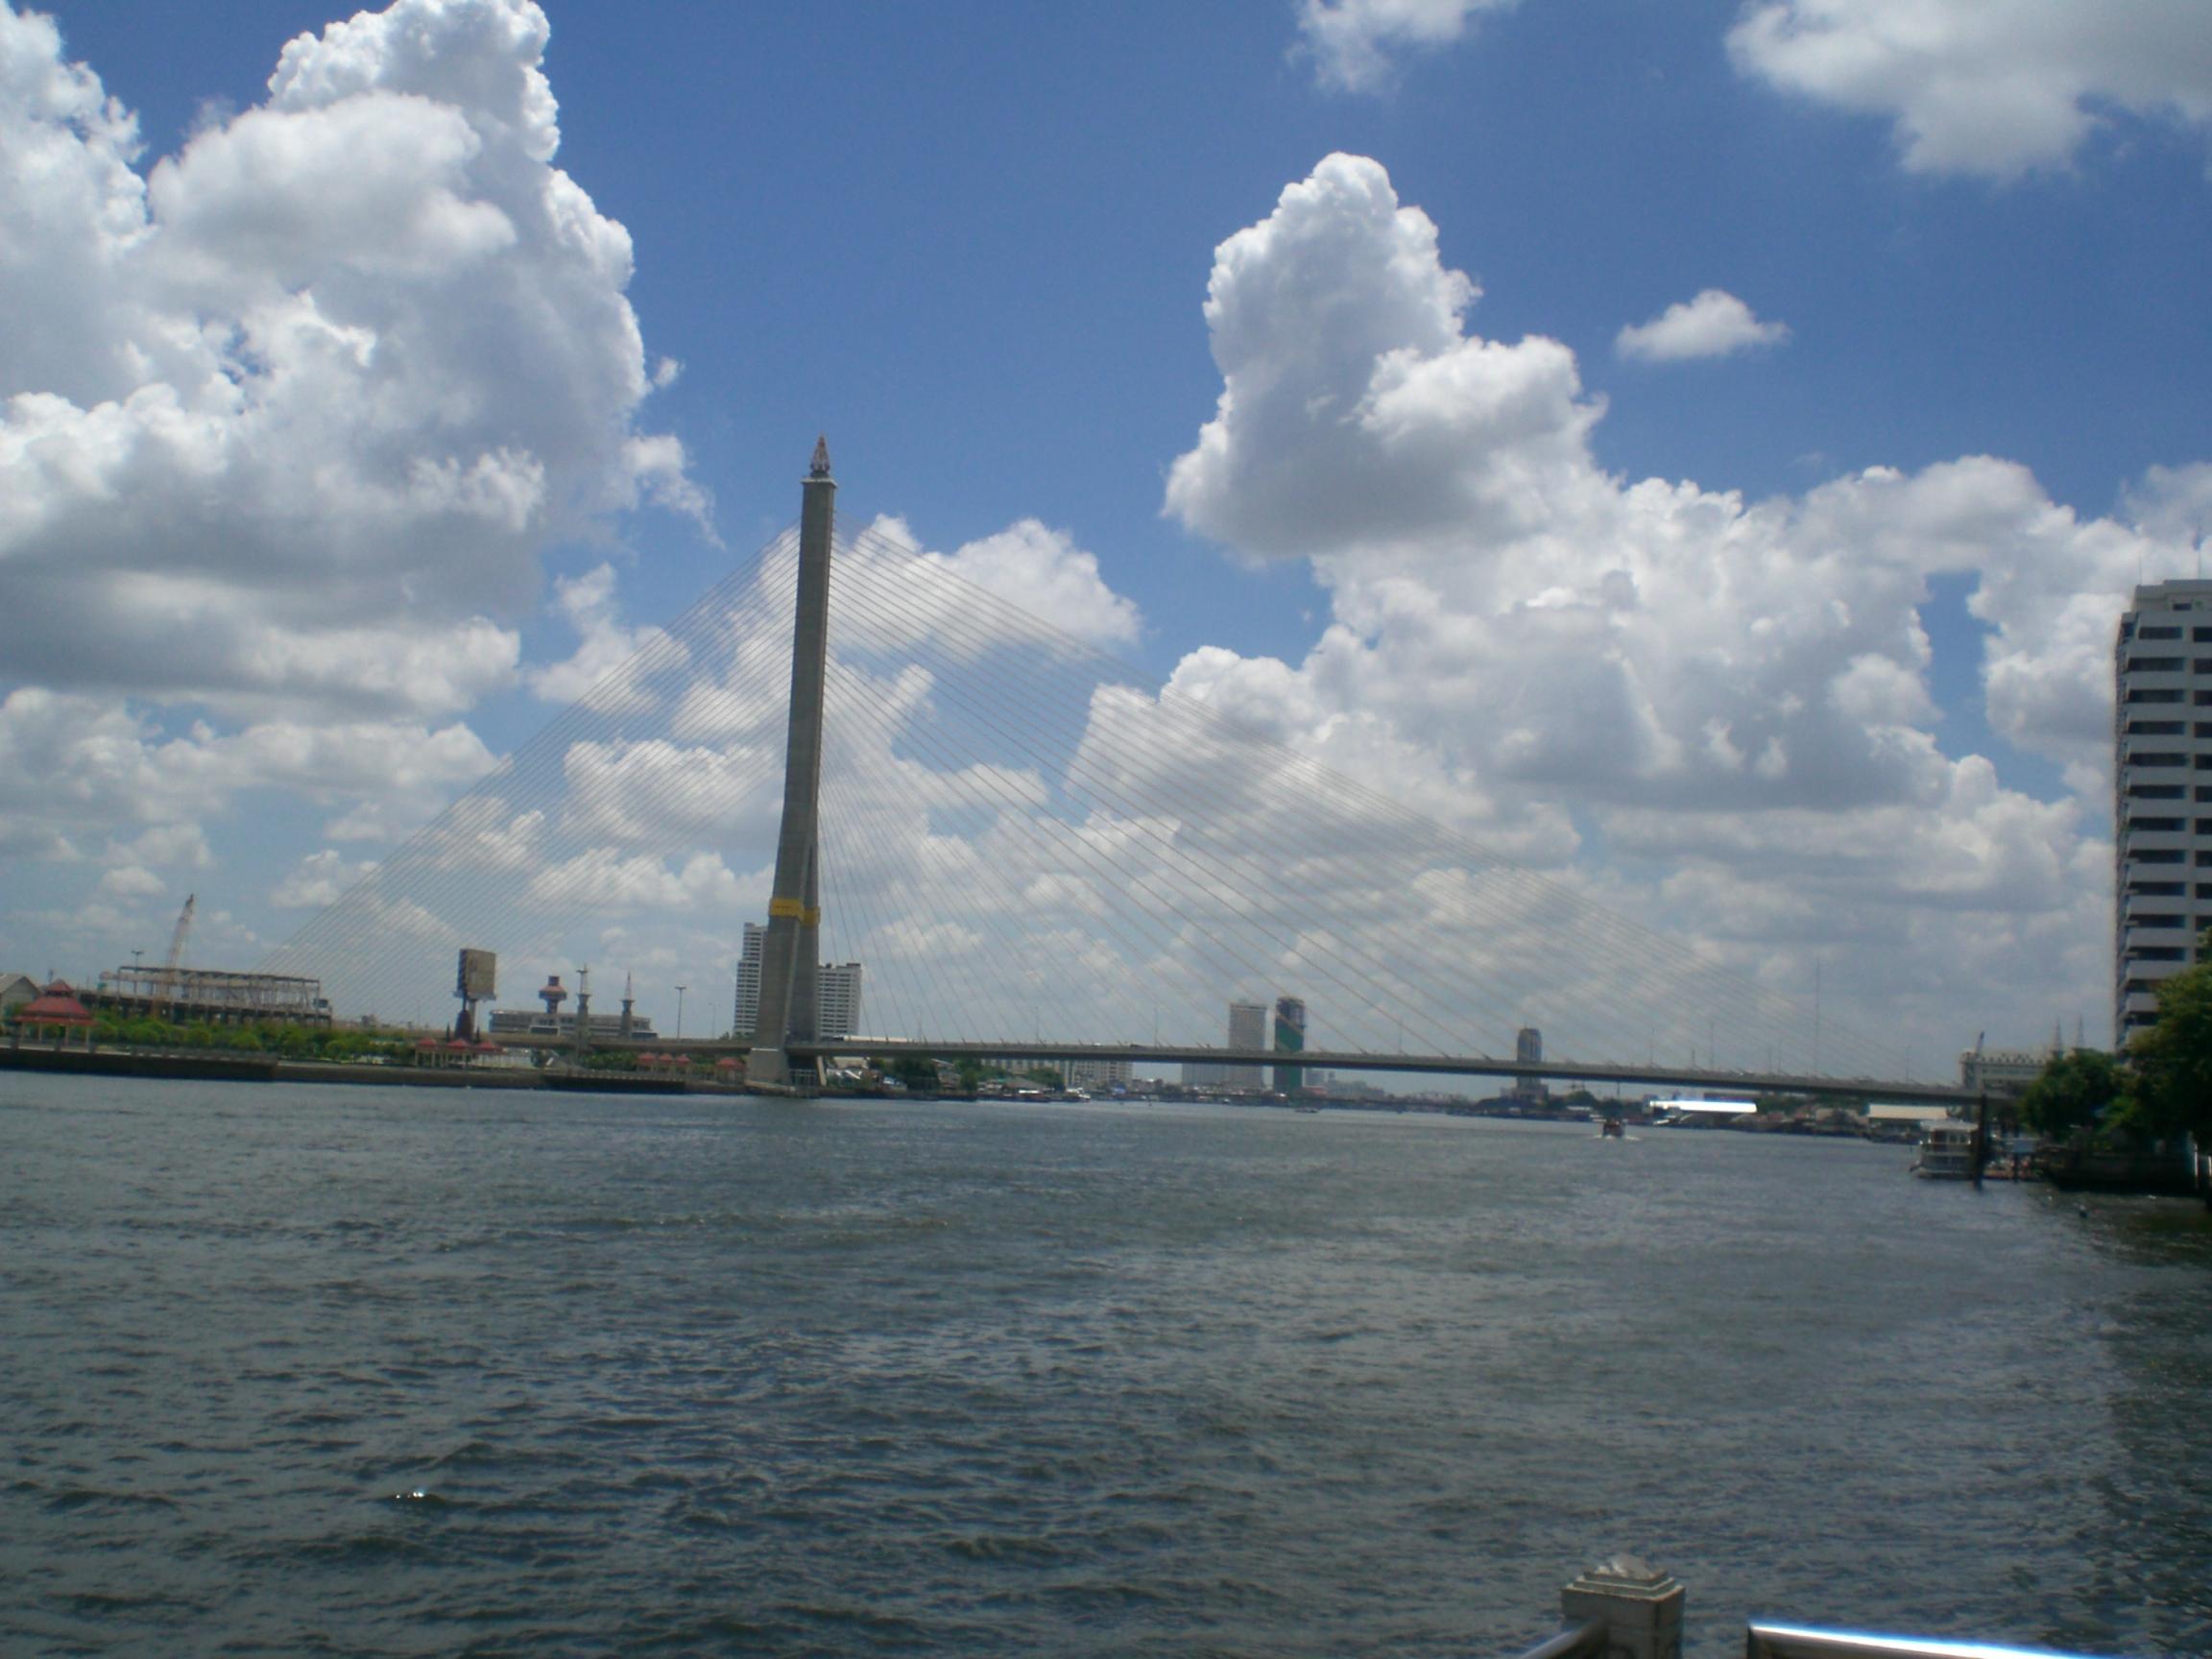 The biggest bridge in Bangkok